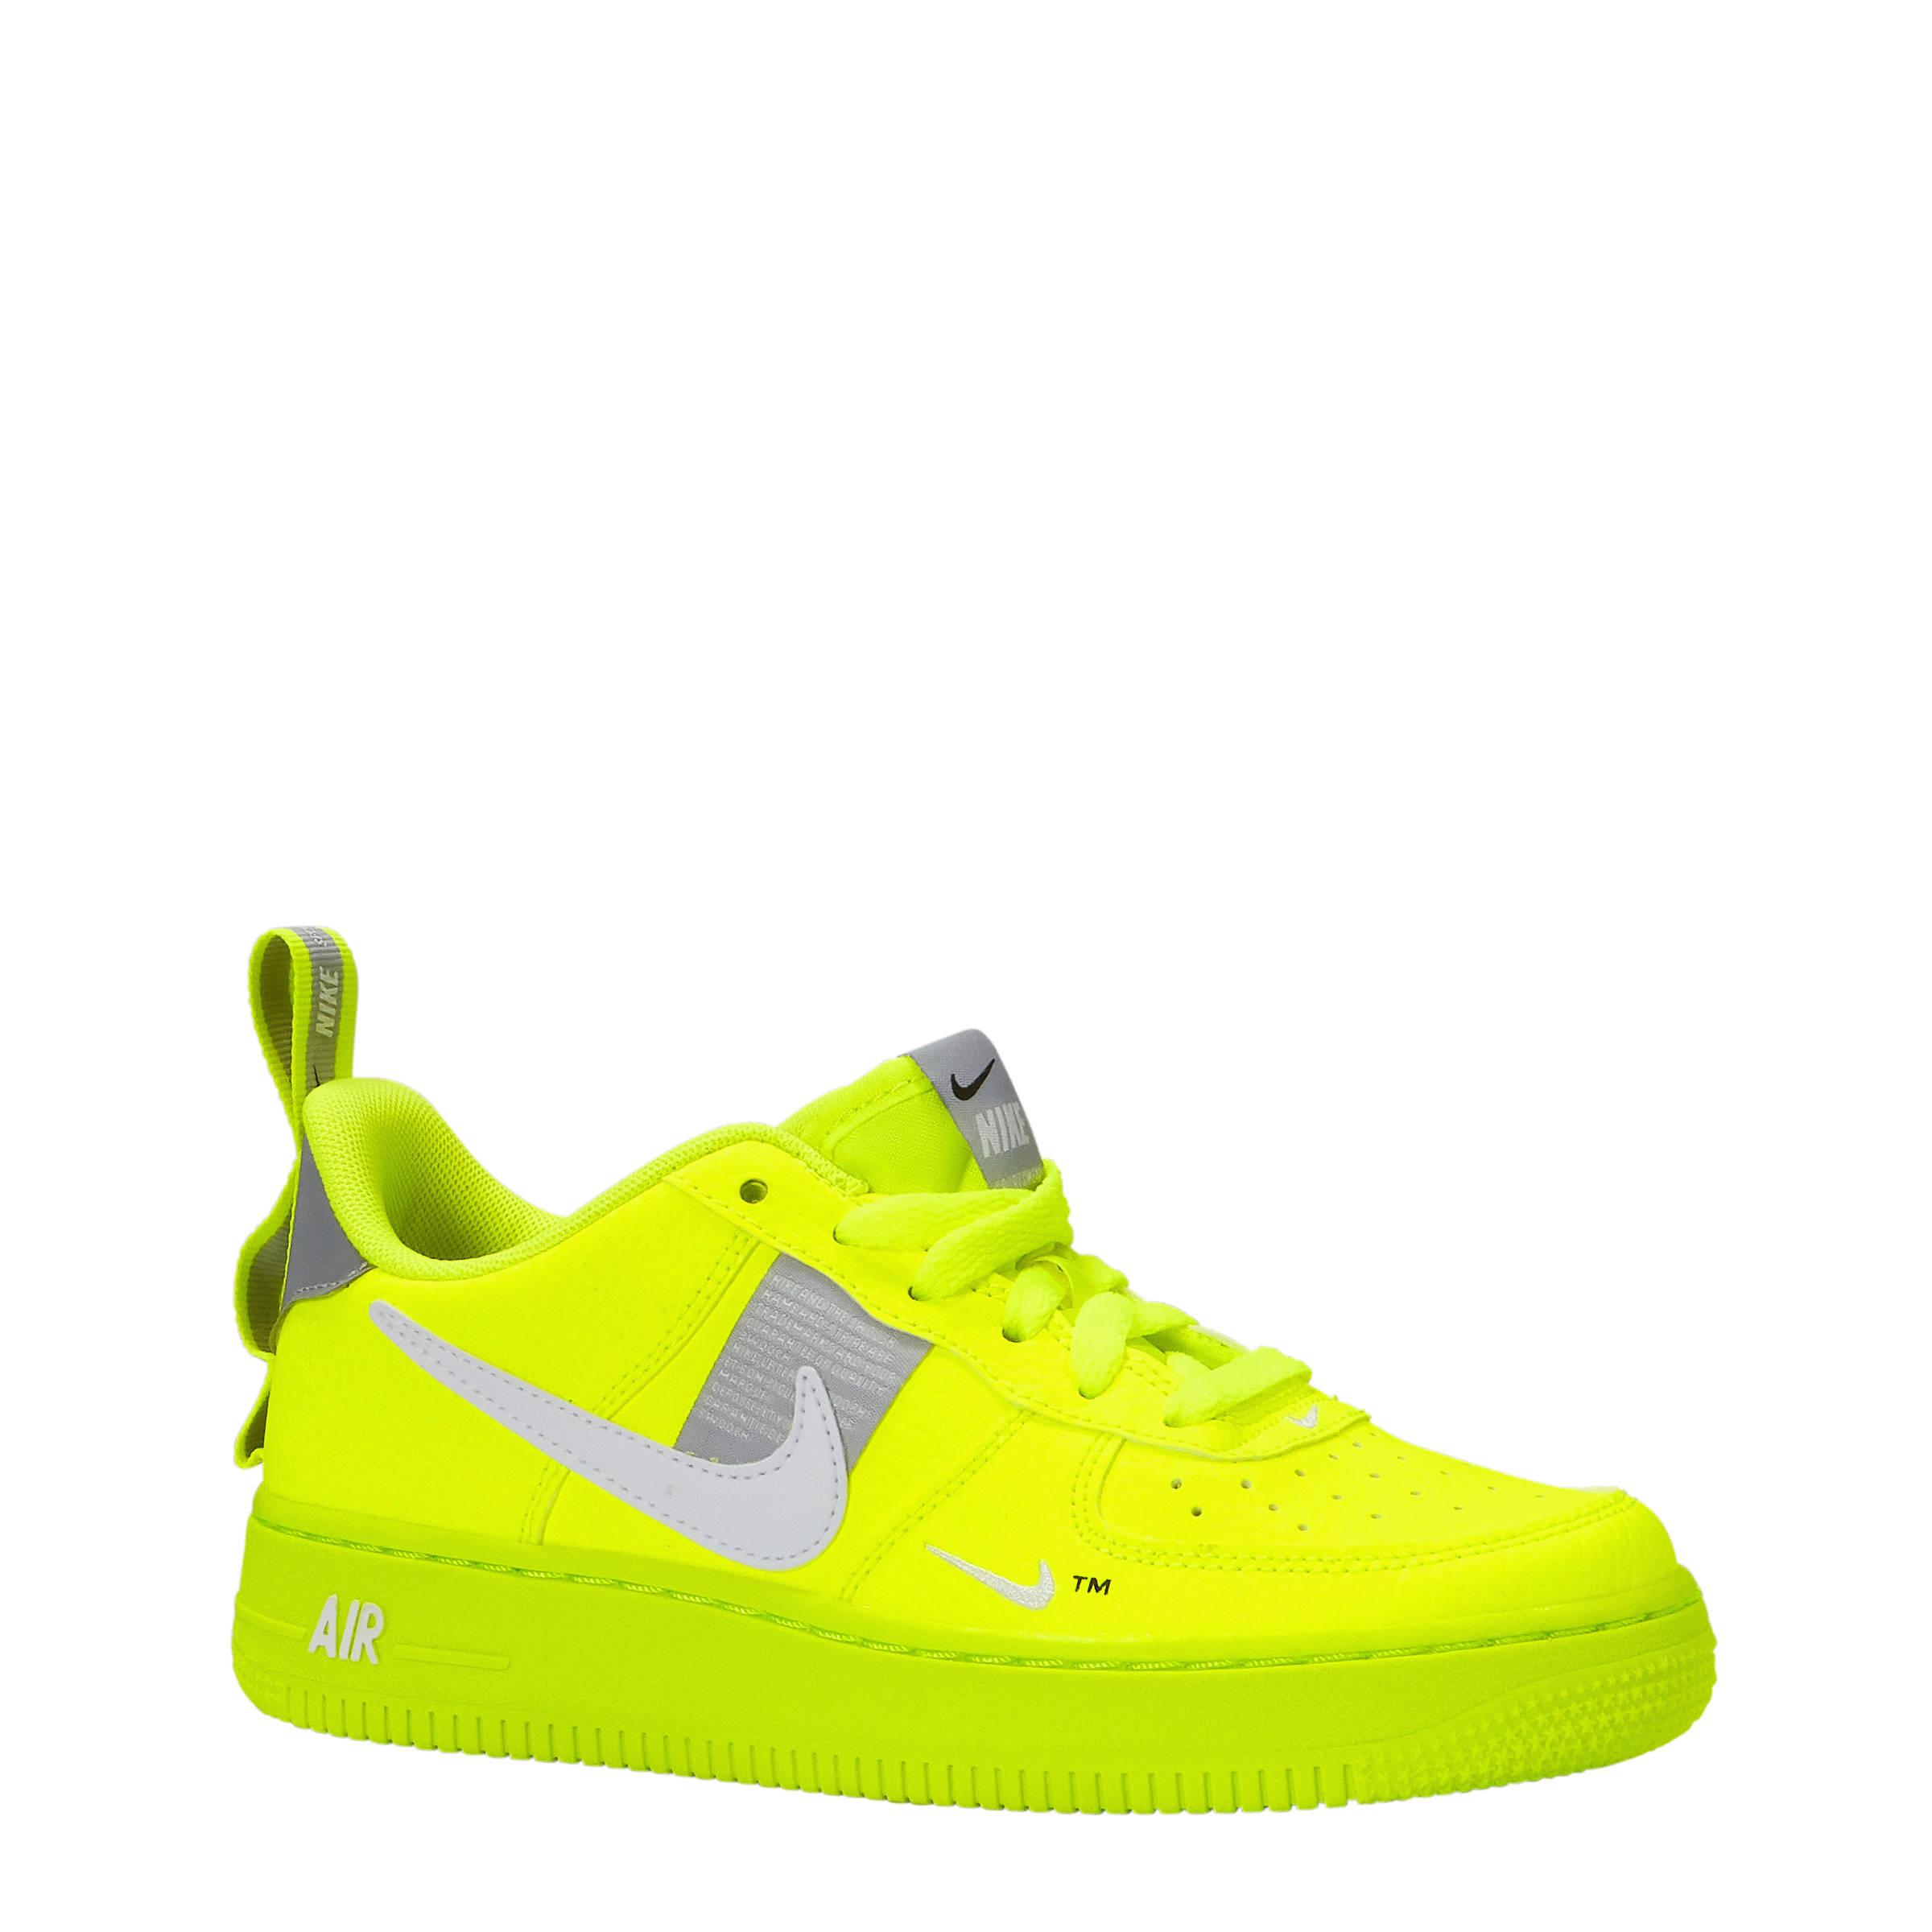 nike air force zwart groen geel